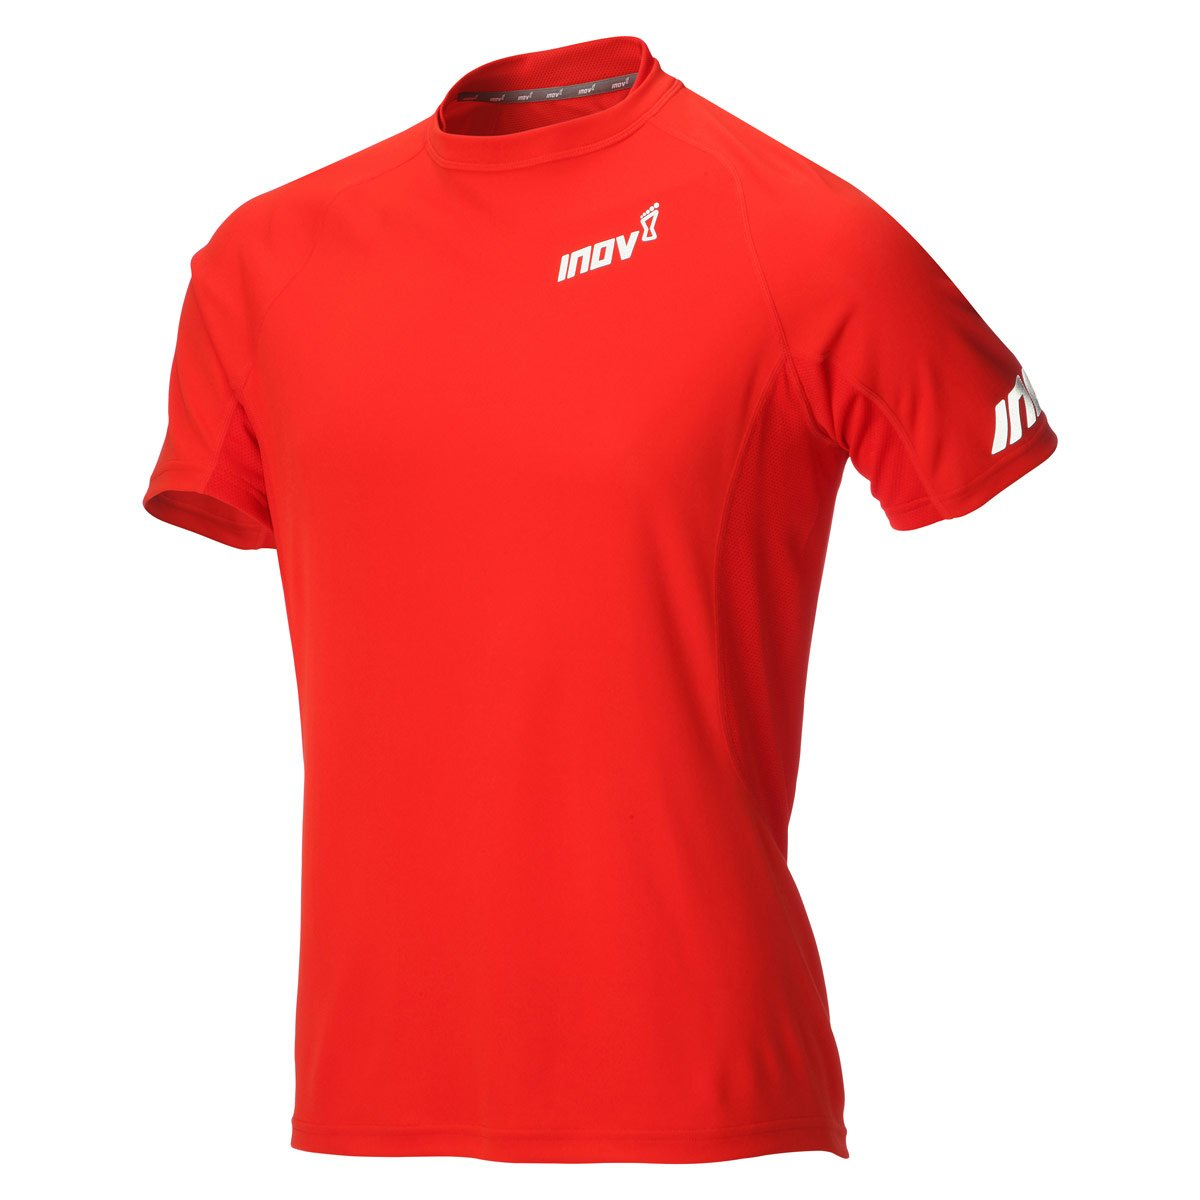 Inov-8 Base Elite Short Sleeve Größe XS Herren Laufshirts Rot